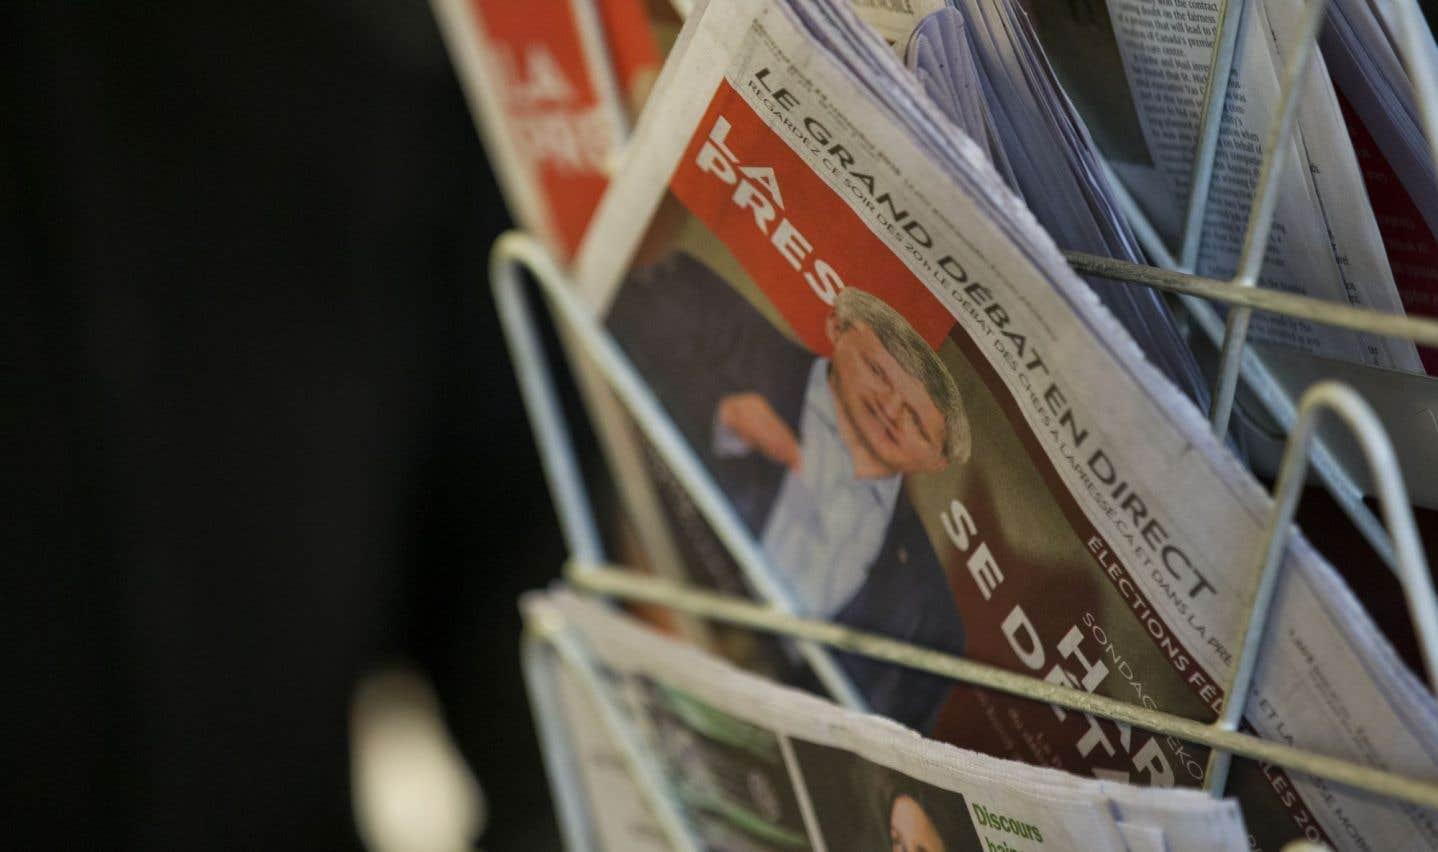 La dématérialisation de «La Presse» entraîne la suppression de 158 emplois